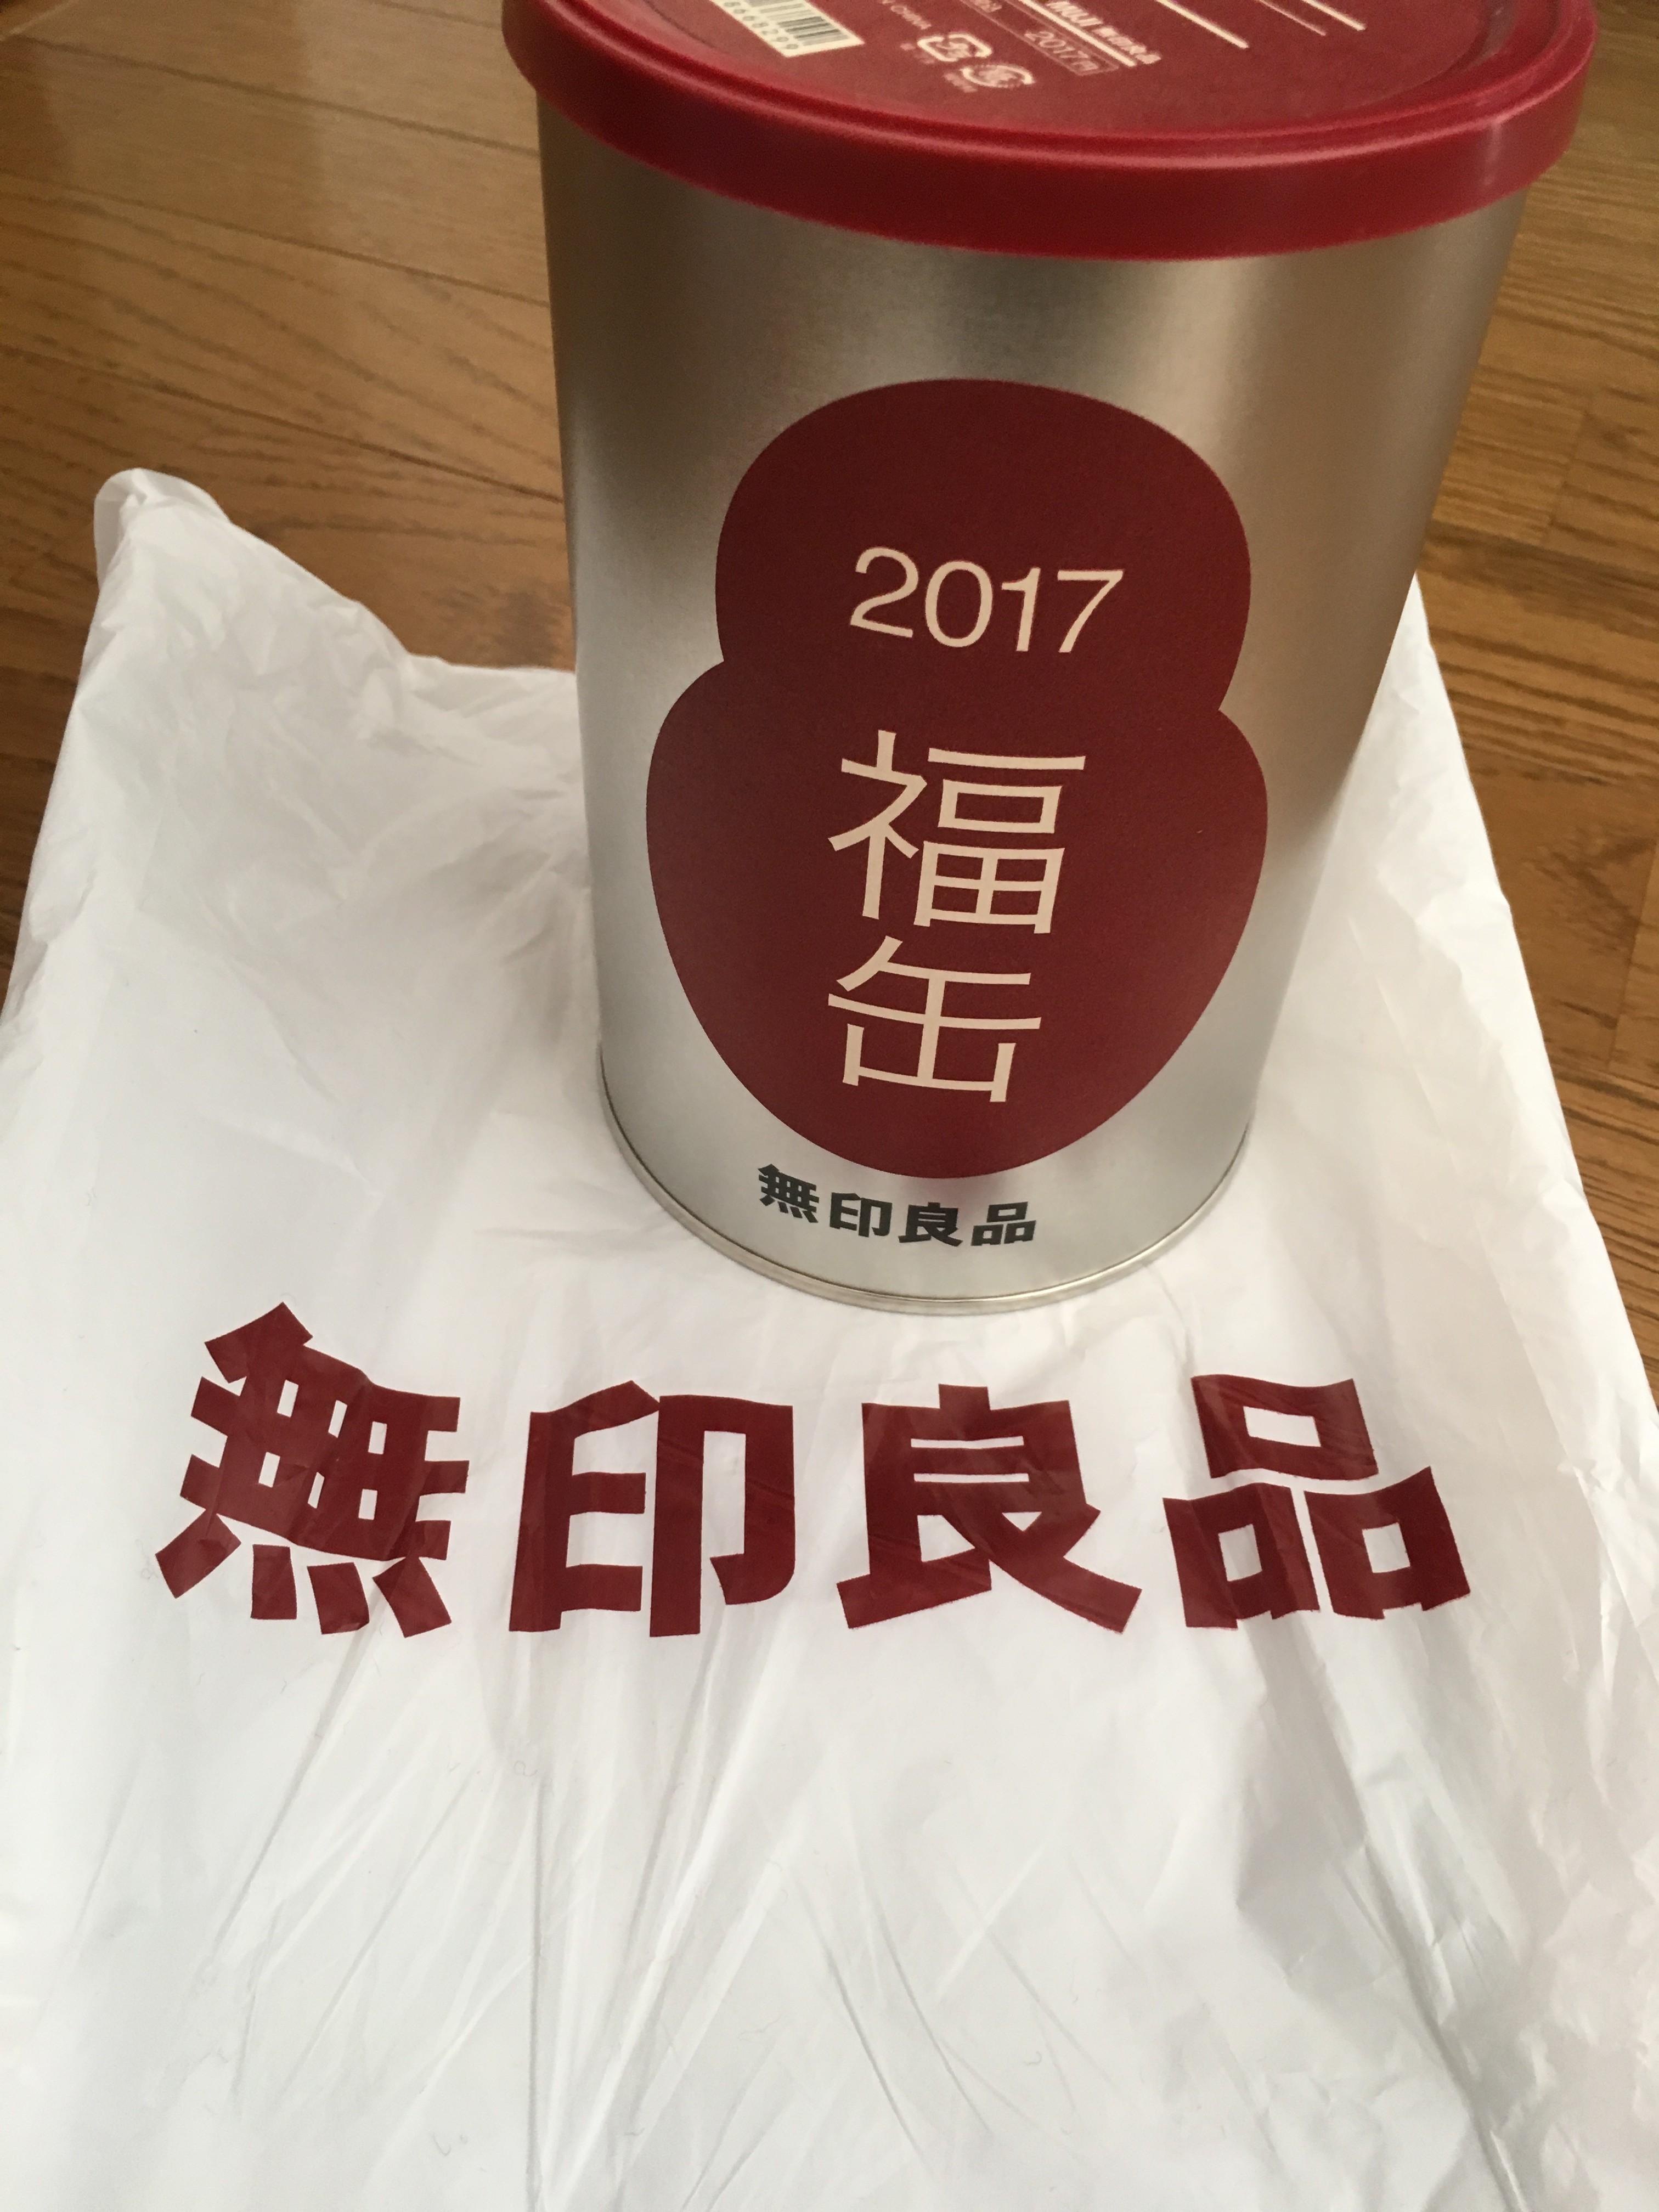 縁起物で幸福感♡2017円、無印良品の福缶♡